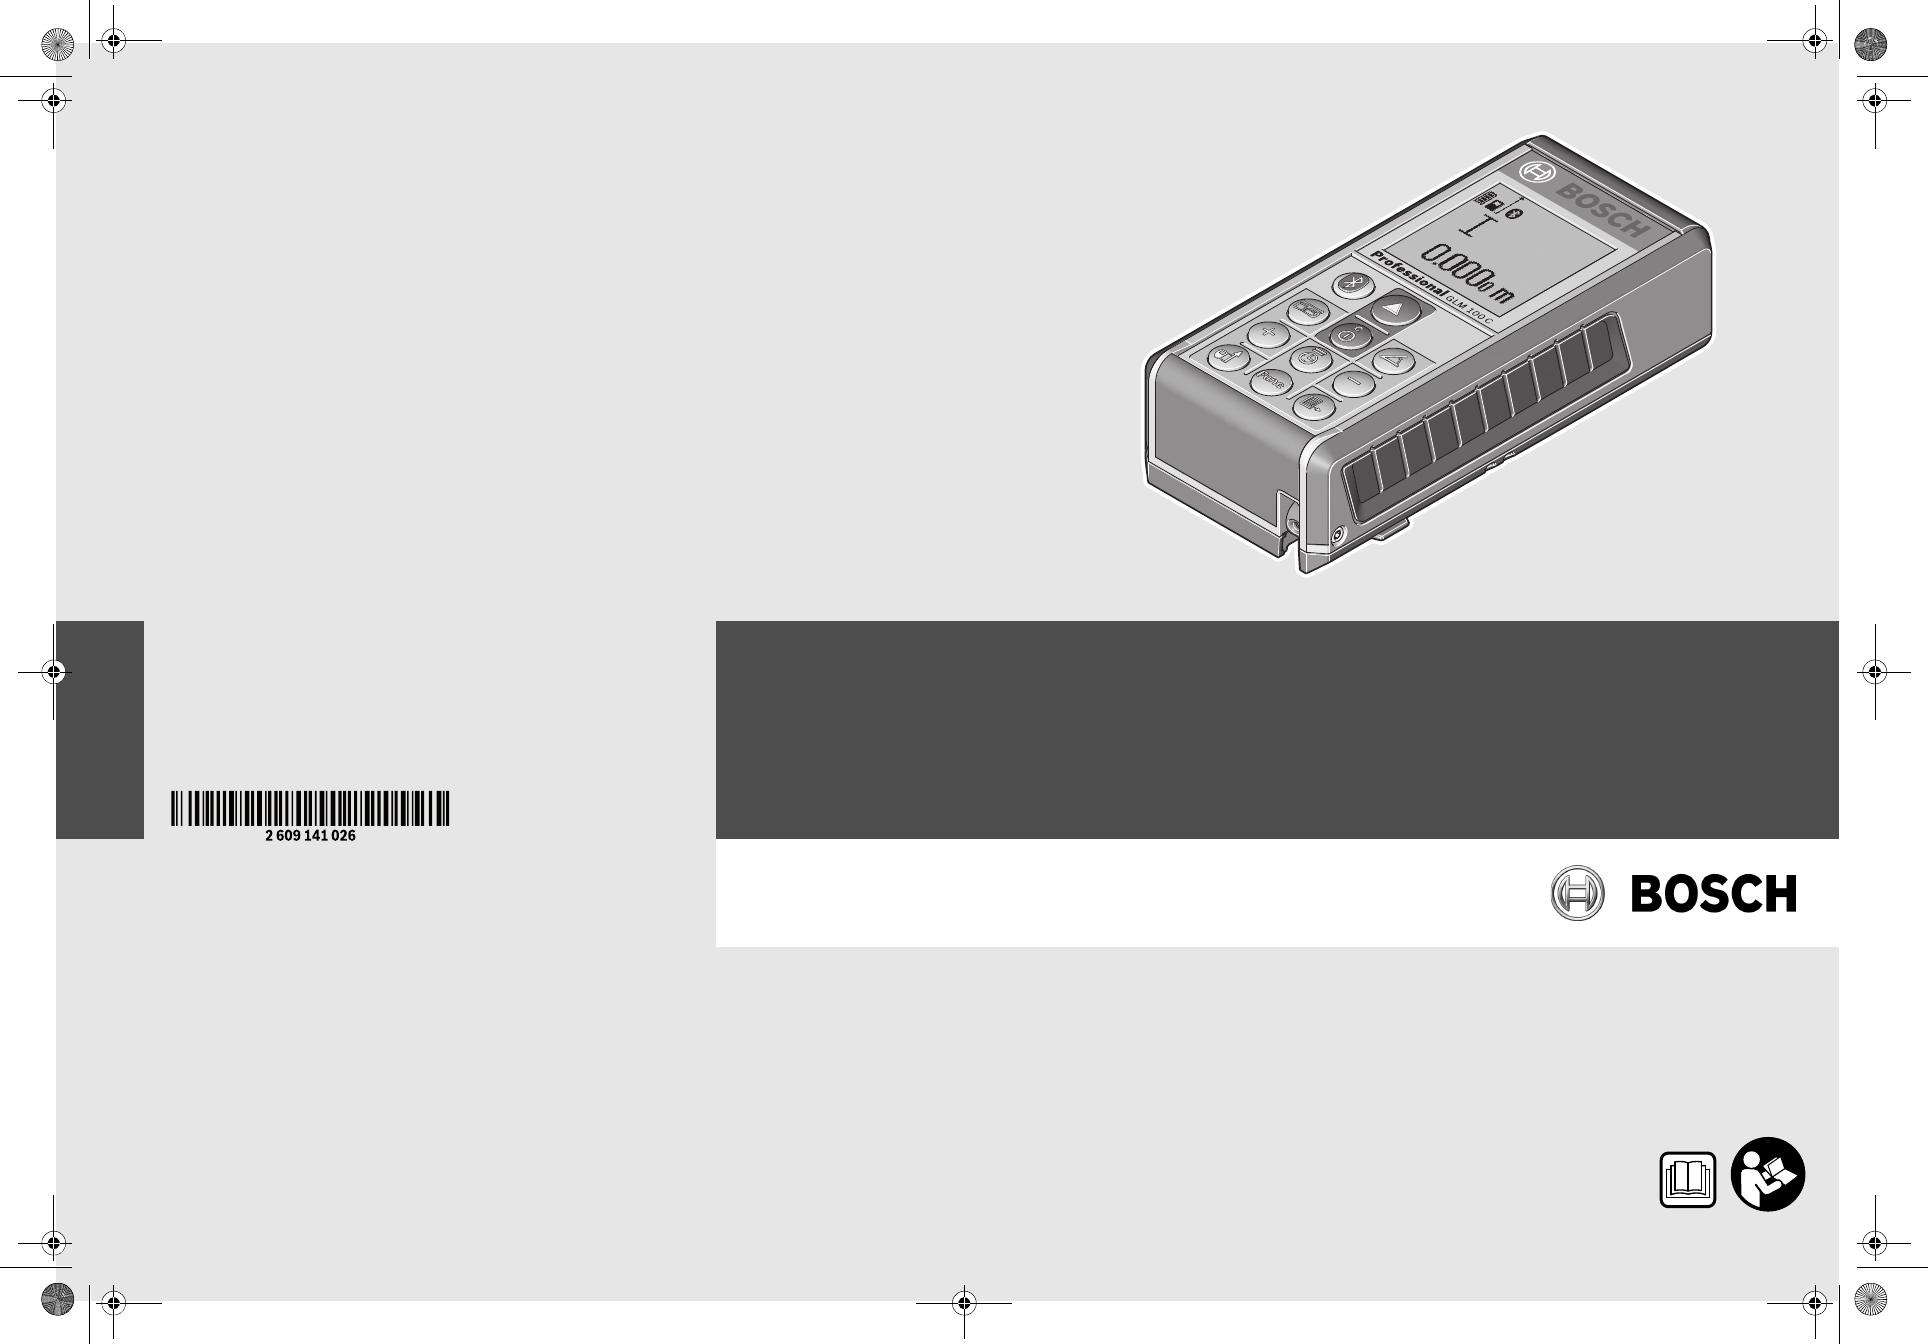 Bosch Laser Entfernungsmesser Software : Bedienungsanleitung bosch glm c seite von dänisch